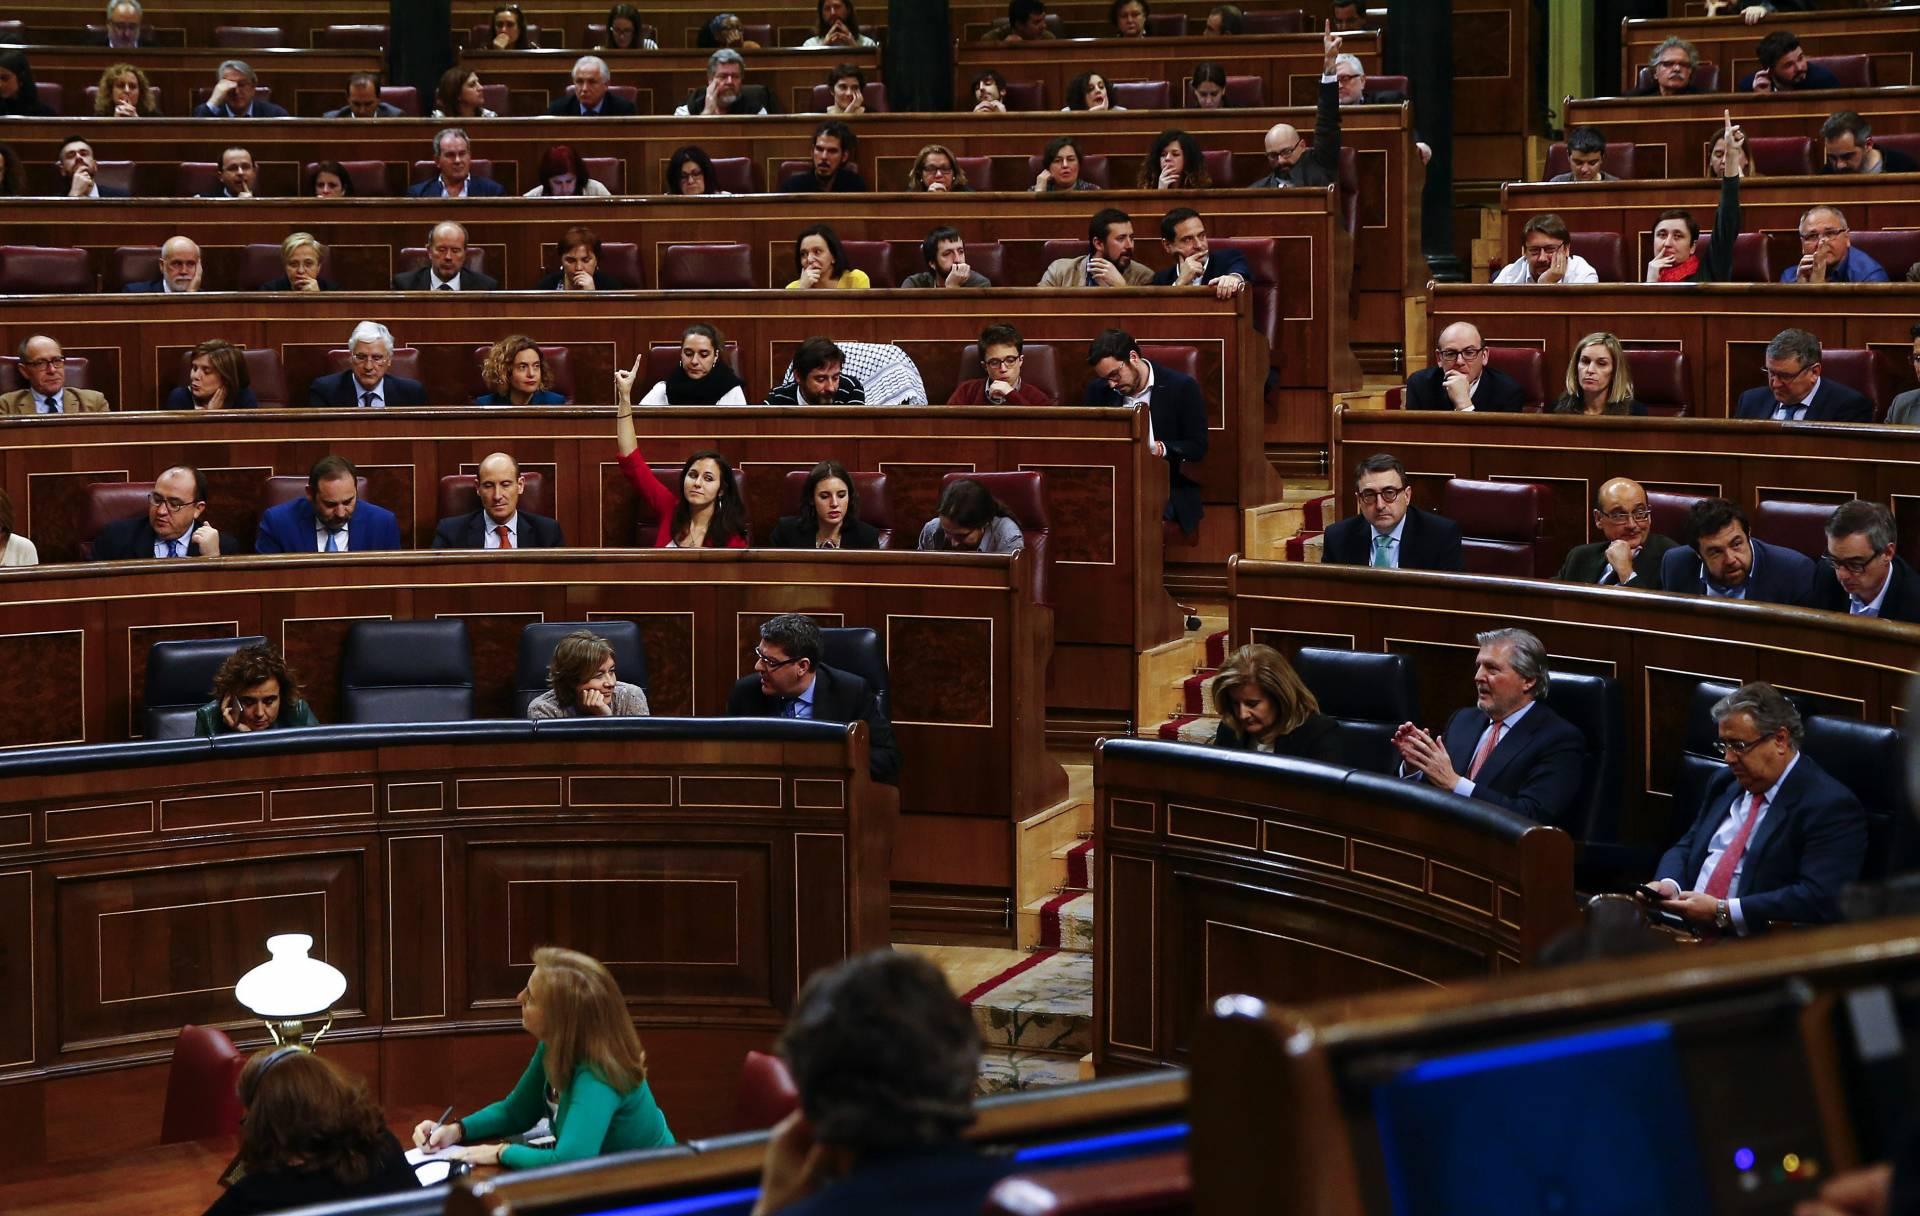 El pleno del Congreso ha aprobado por unanimidad la creación de la Comisión de Investigación.